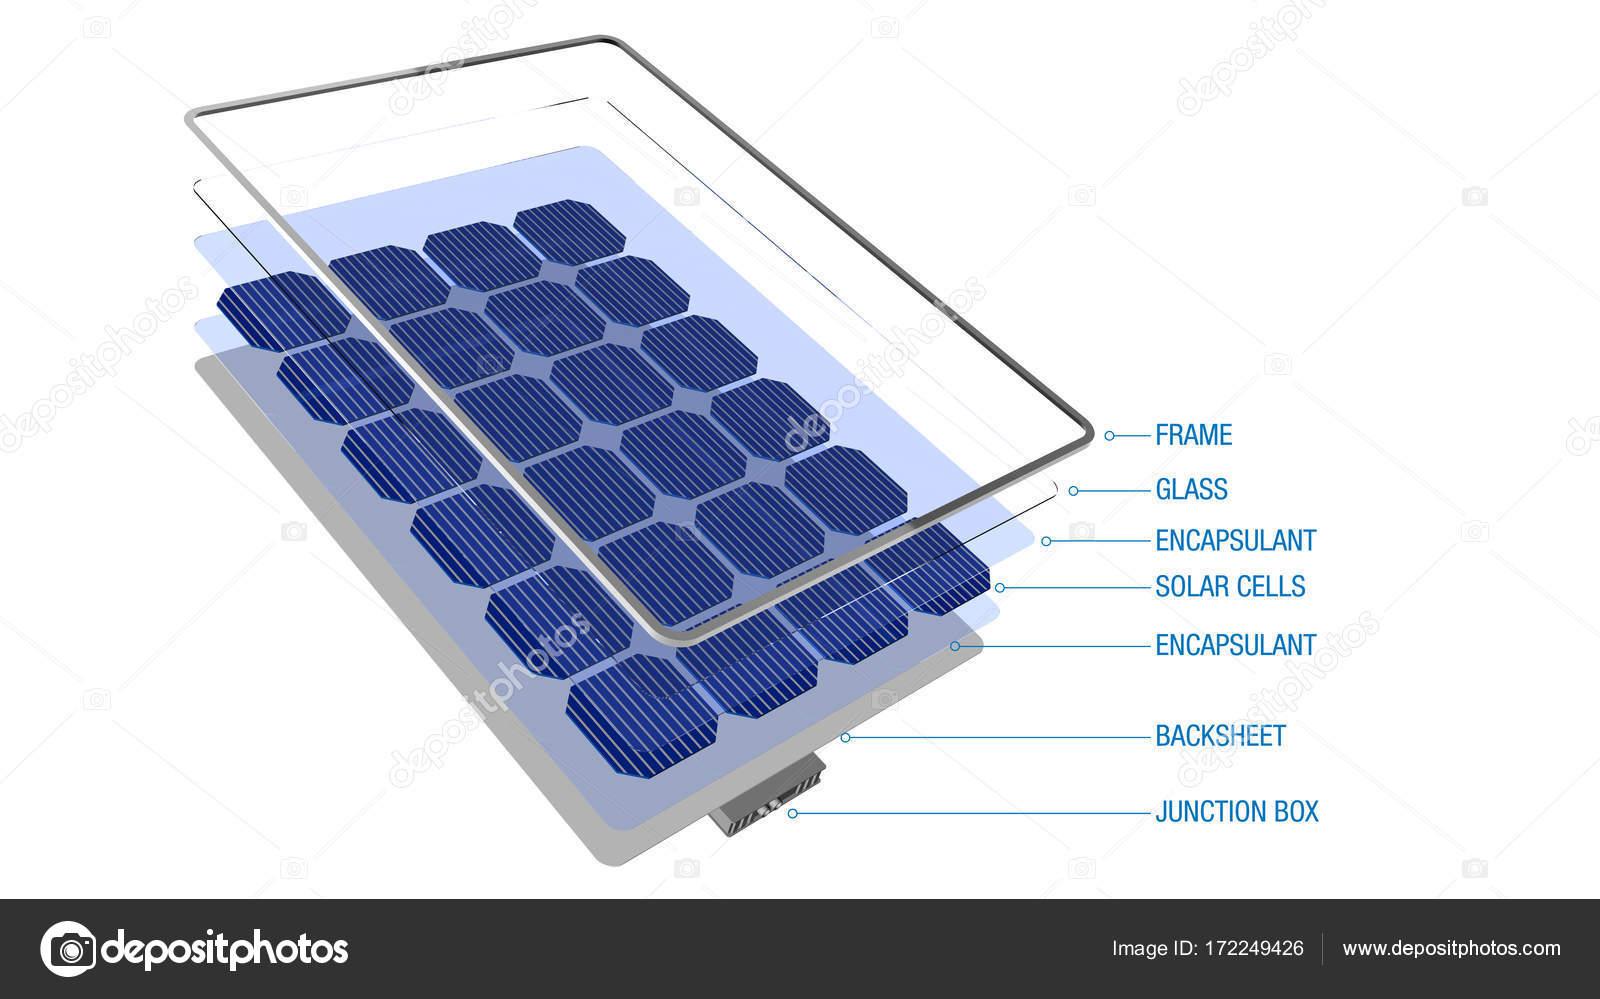 Diagramm, Teile eines Solarpanels mit ihren Namen - erneuerbare ...